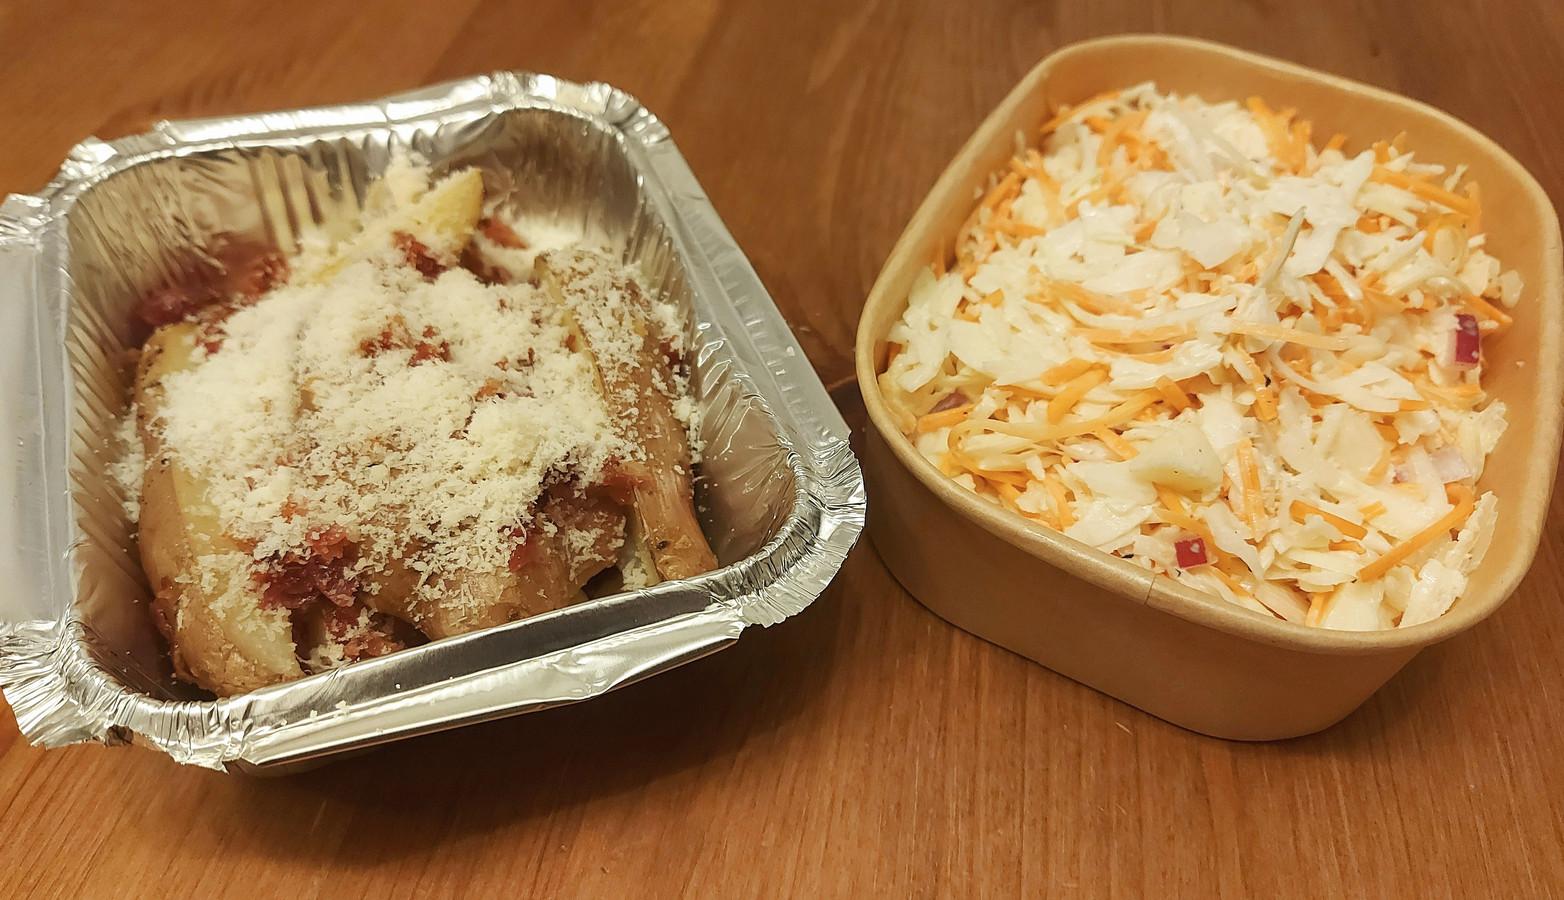 Aardappelwedges met spek en parmezaan en knapperige coleslaw